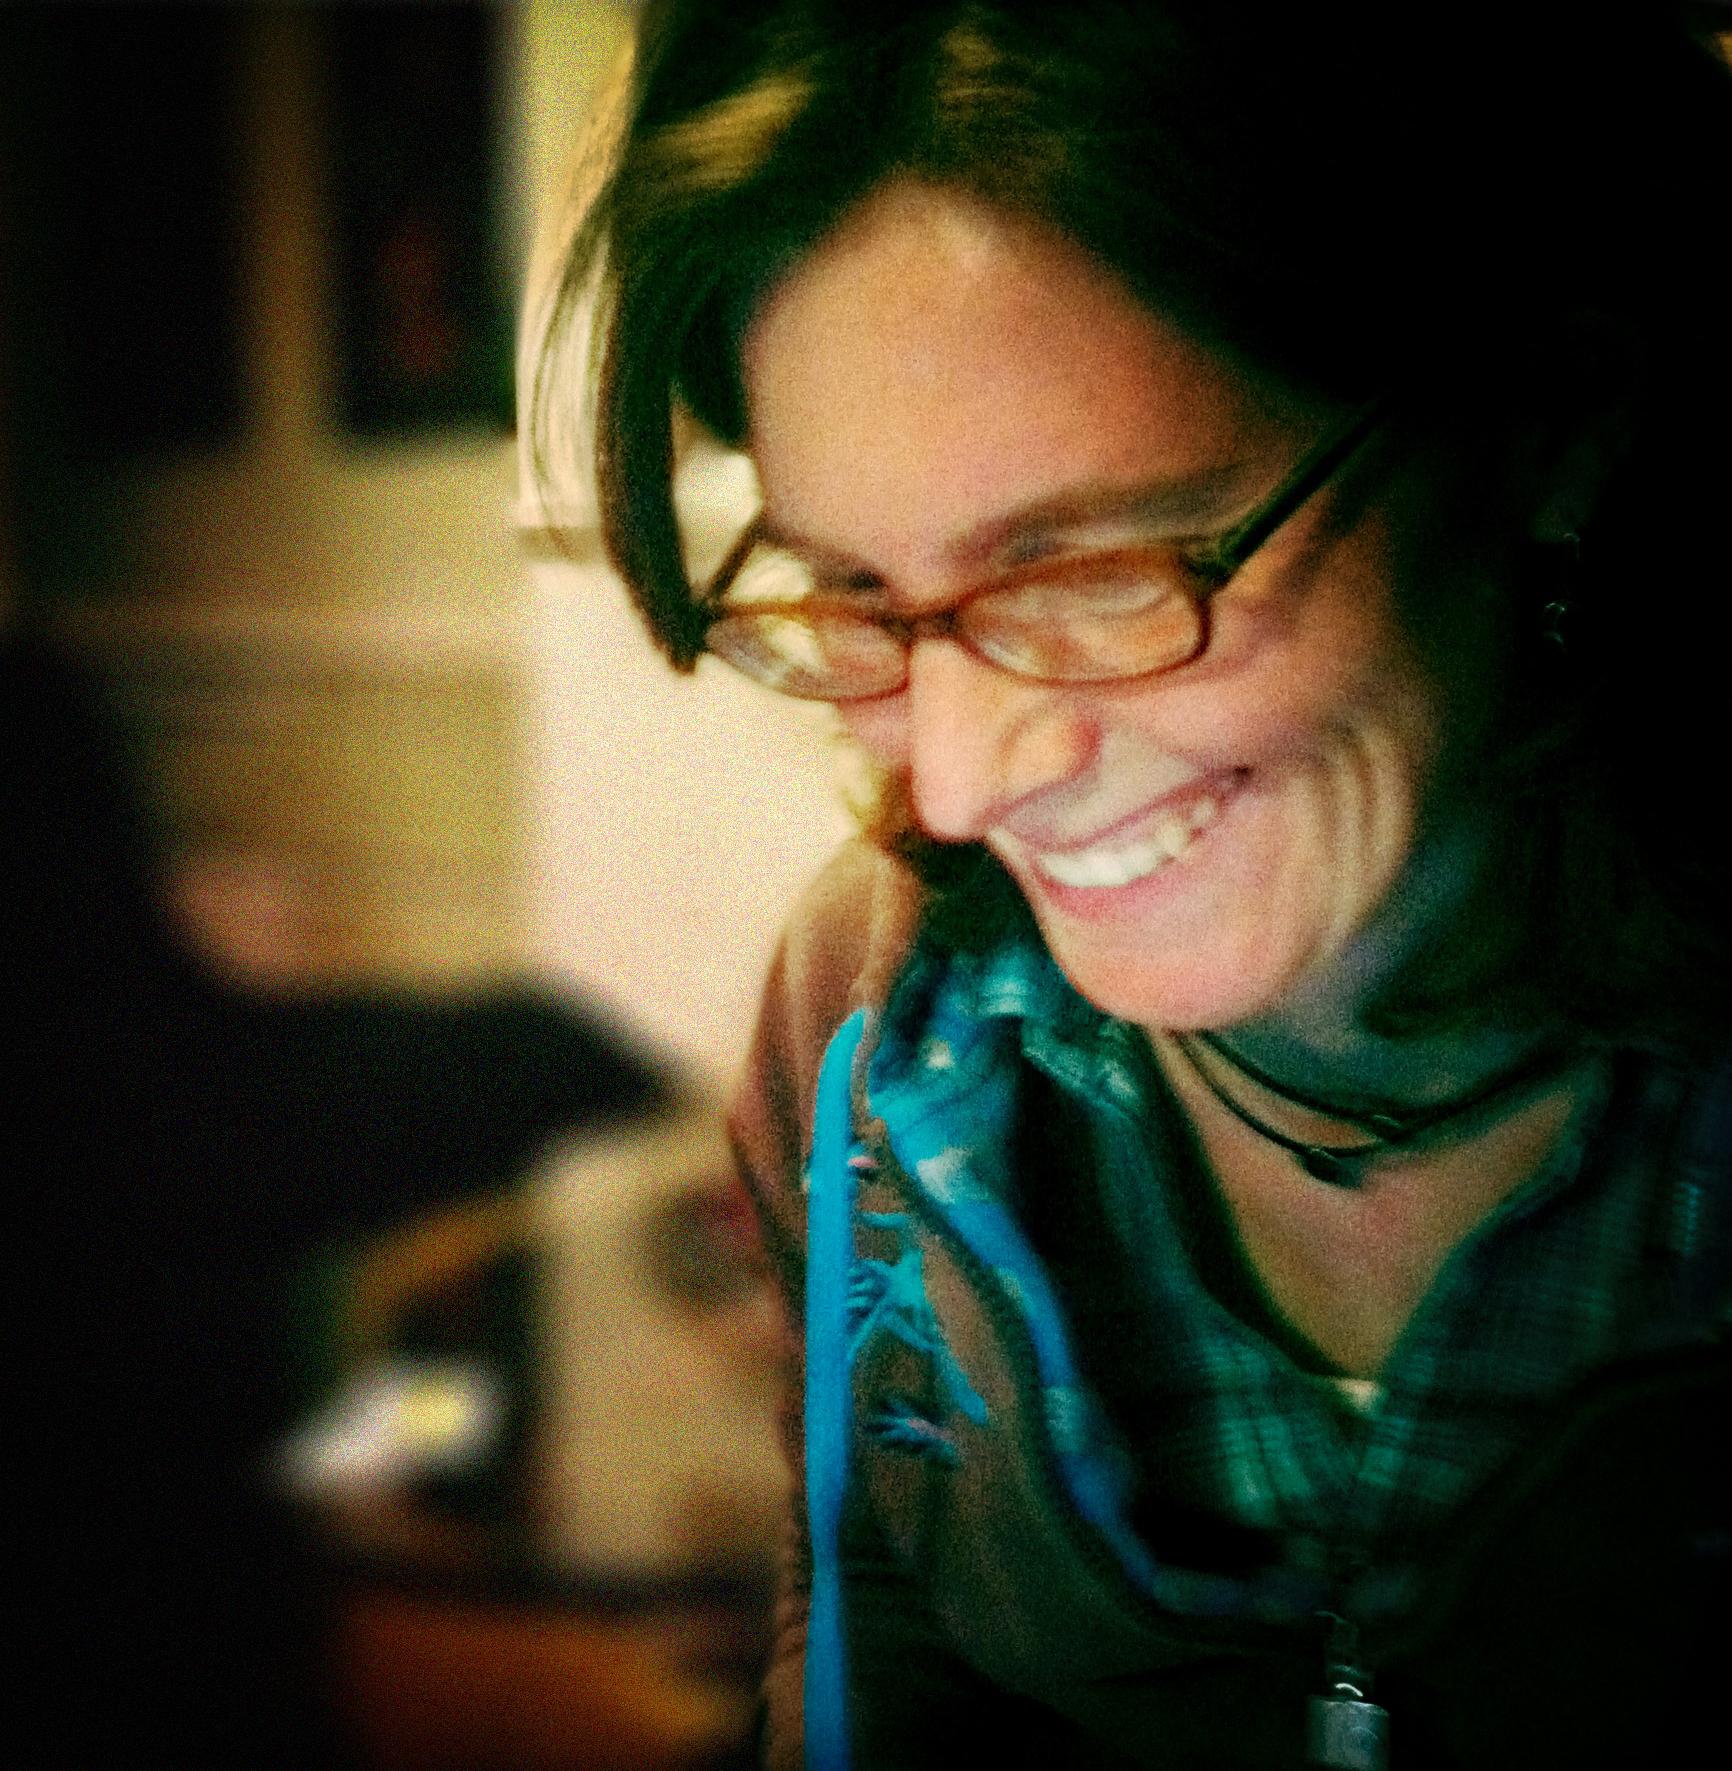 lauren-headshot-photo-blur-vignette.jpg